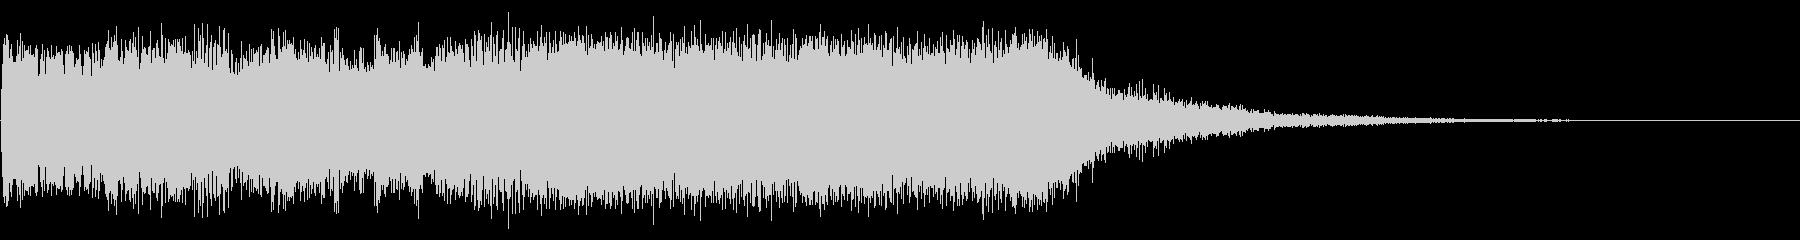 パイプオルガン 登場シーンのジングルの未再生の波形